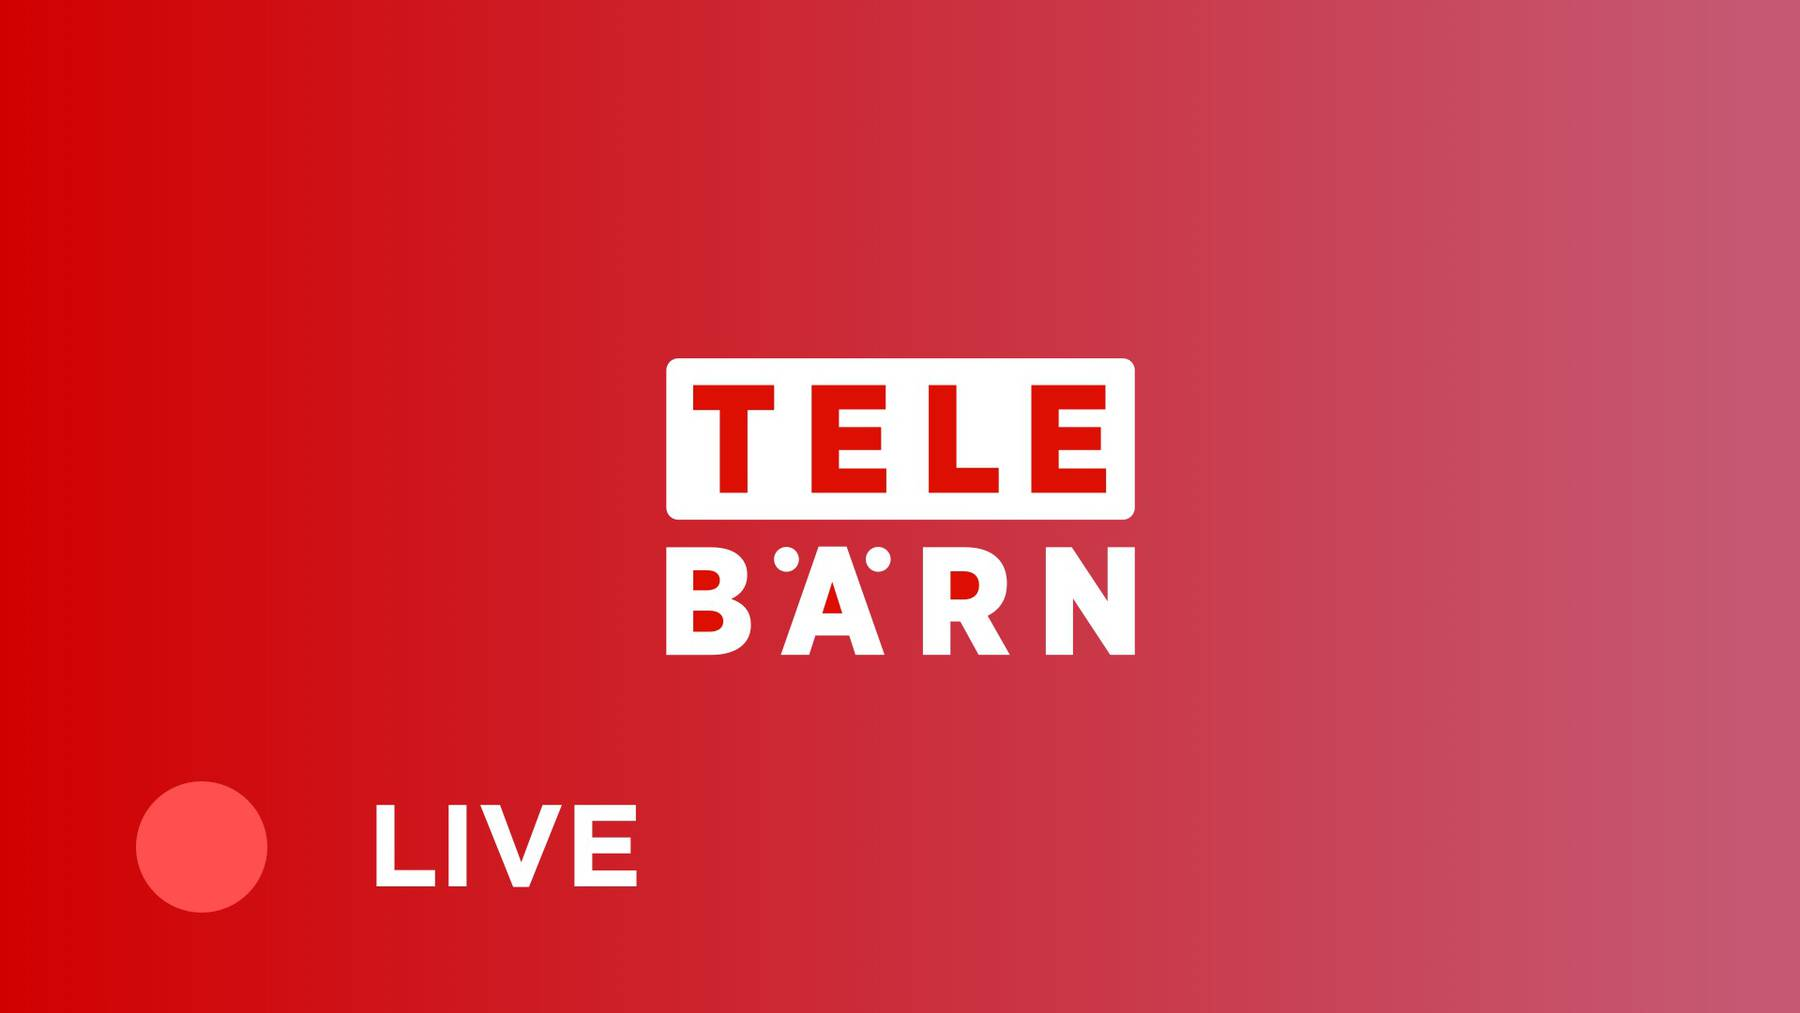 TeleBärn-Livestream